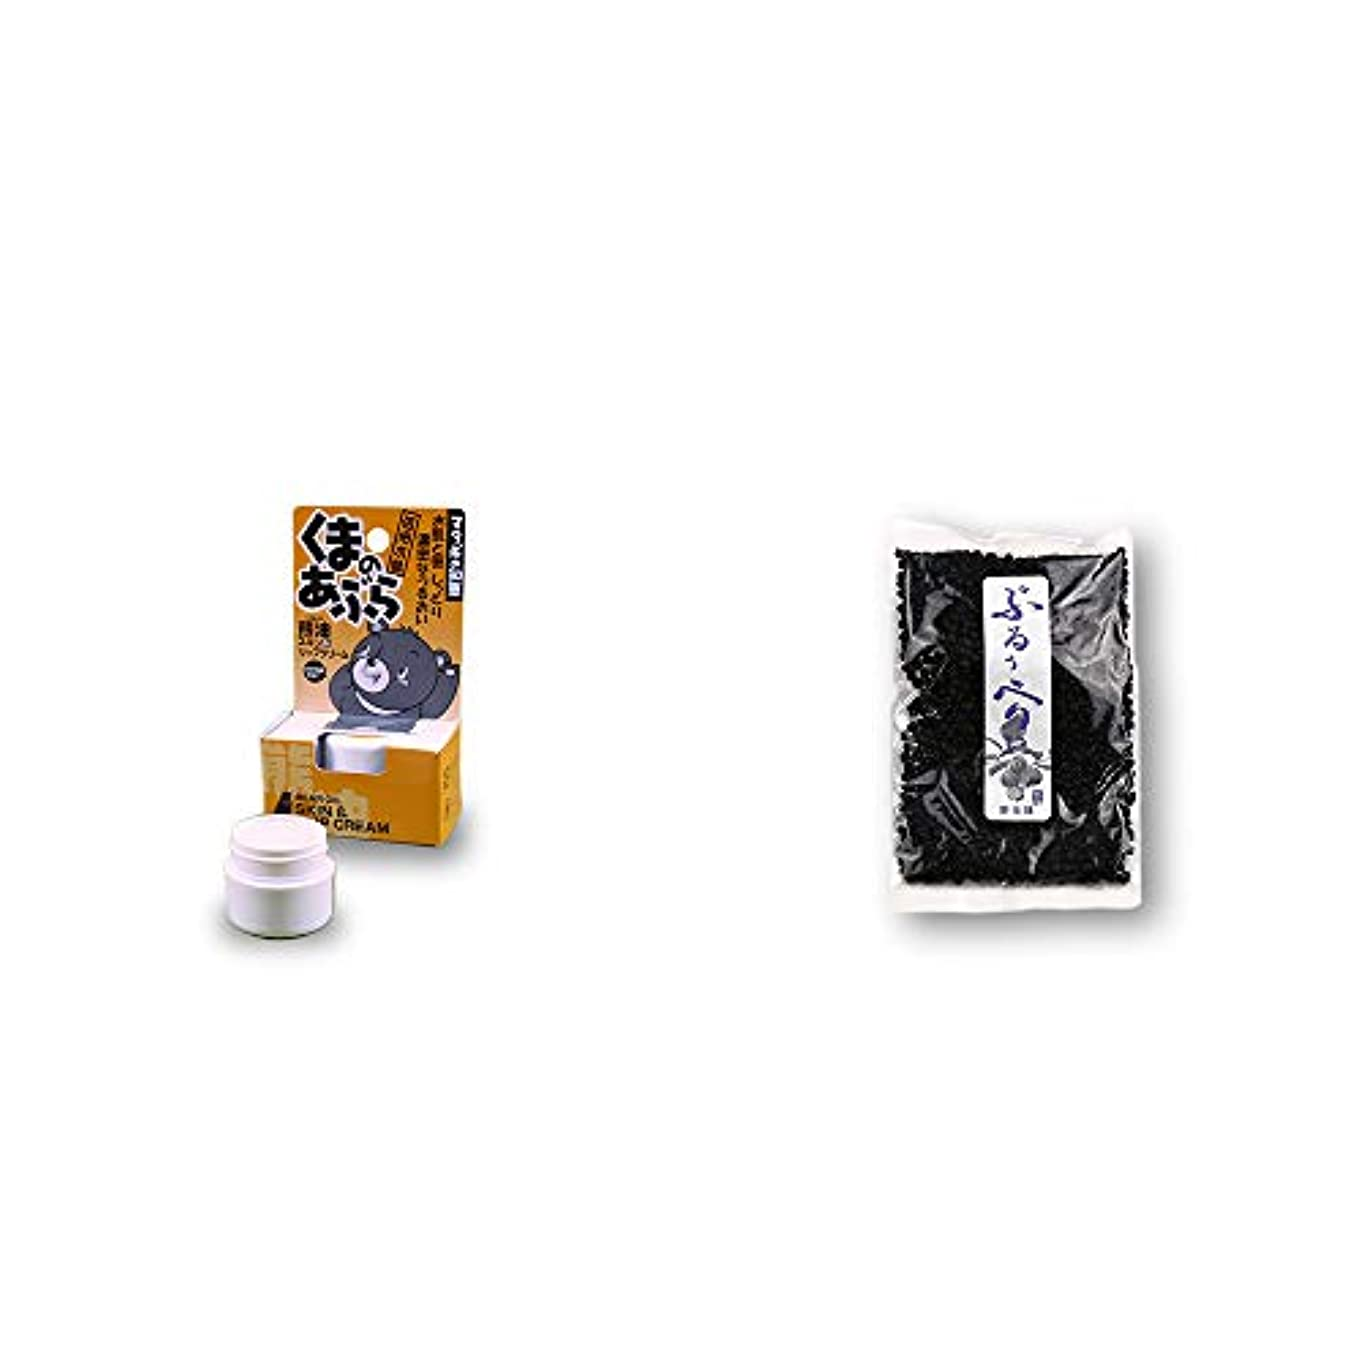 水を飲む蚊ブルゴーニュ[2点セット] 信州木曽 くまのあぶら 熊油スキン&リップクリーム(9g)?野生種ぶるぅべりぃ(260g)